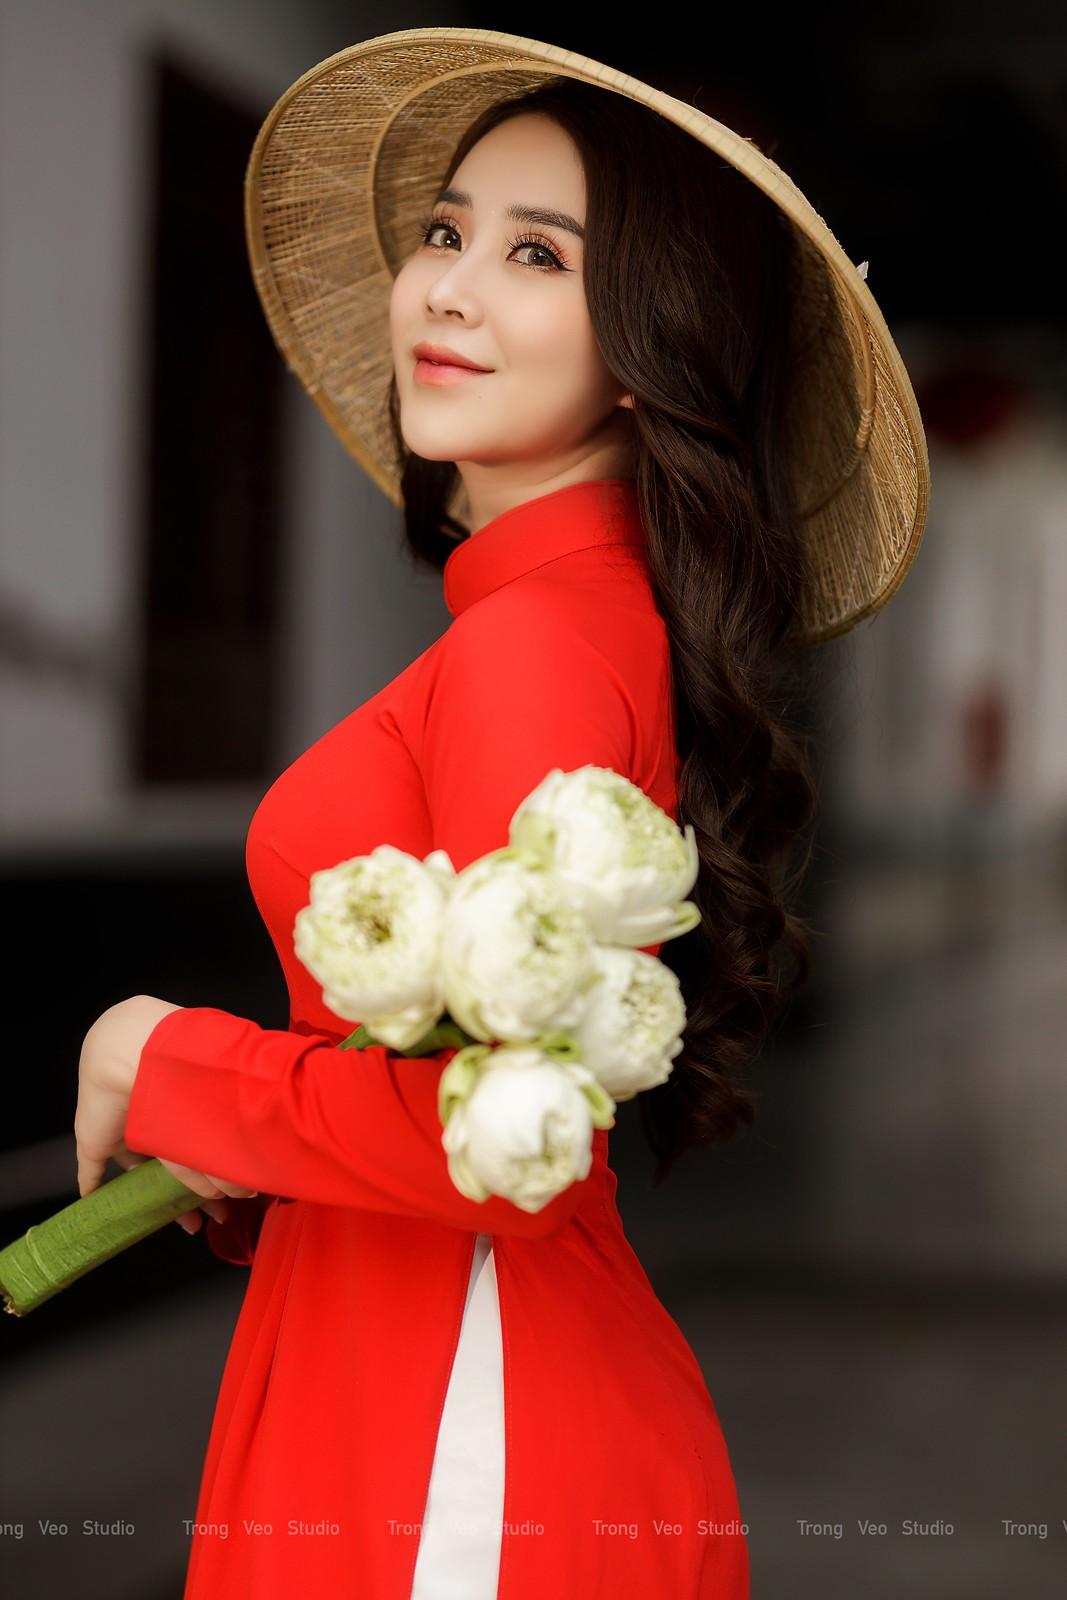 Ngắm hot girl Lục Anh xinh đẹp như hoa không sao tả xiết trong tà áo dài truyền thống - 18